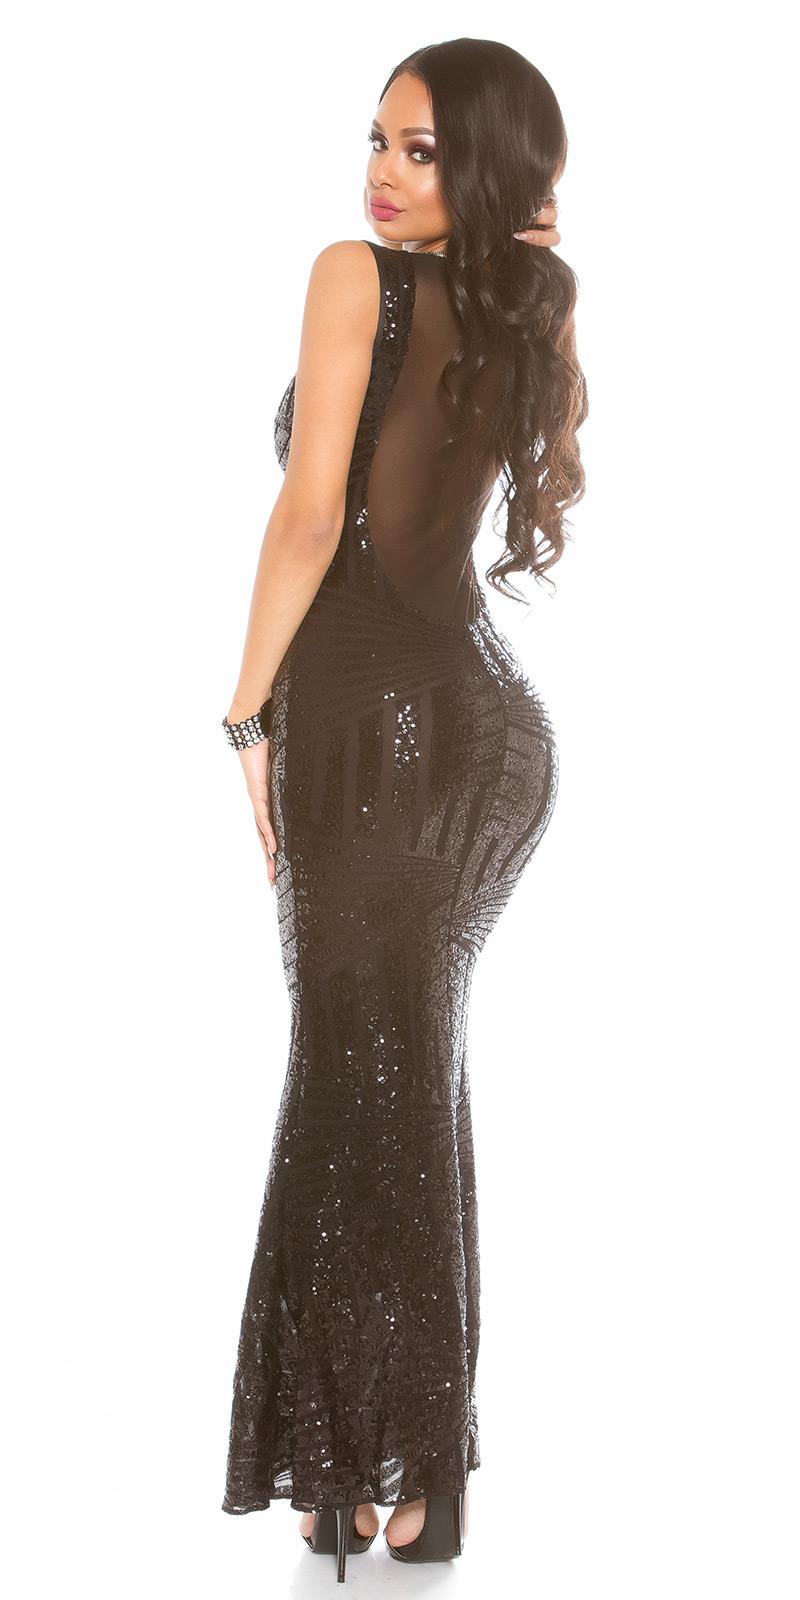 Super schönes Abendkleid mit Pailletten und tiefem Rückenausschnitt -  schwarz